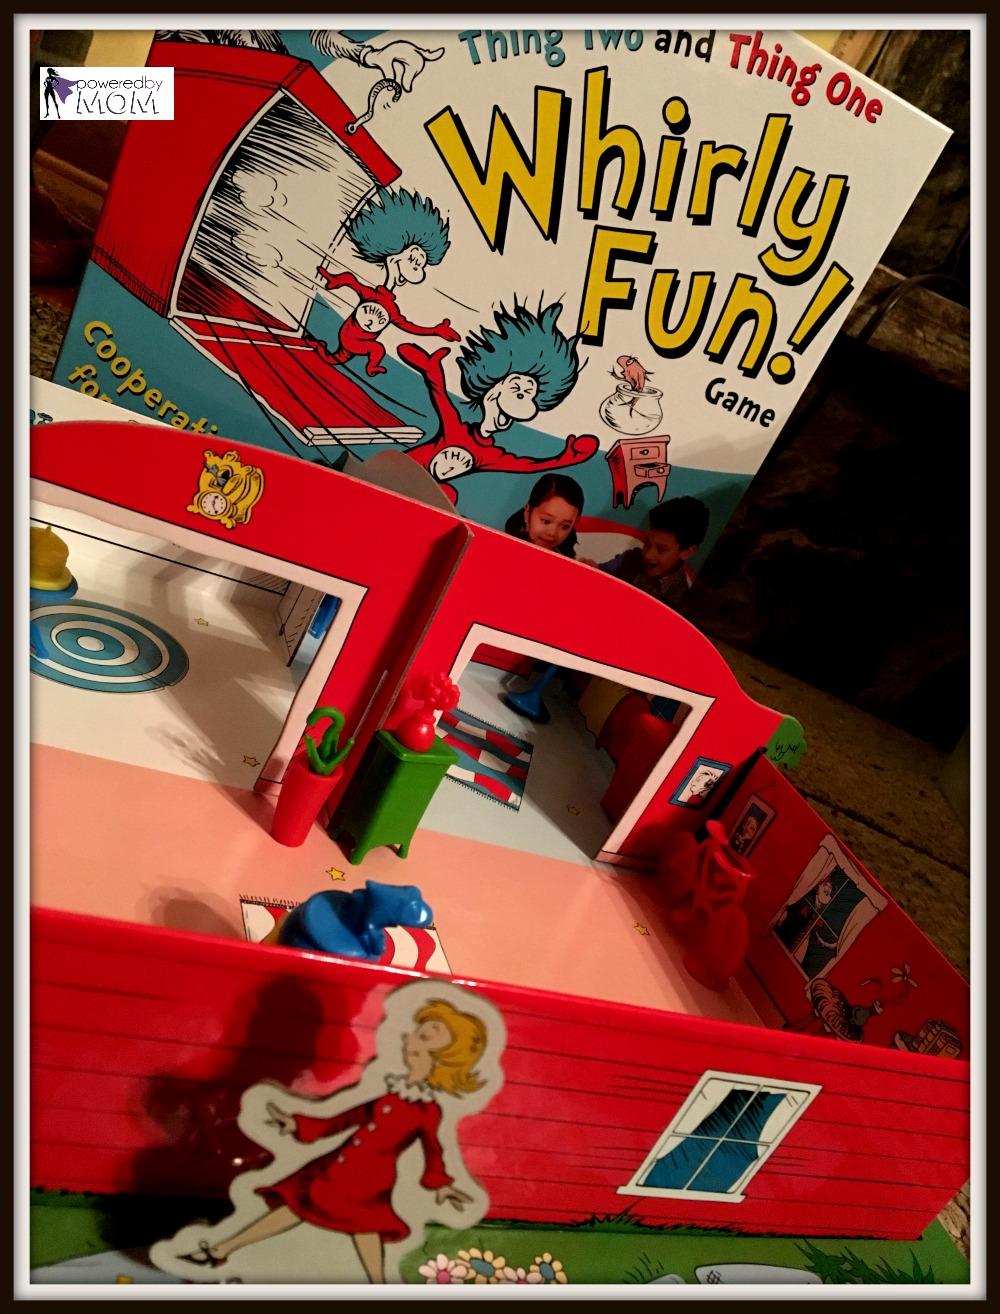 whirly-fun